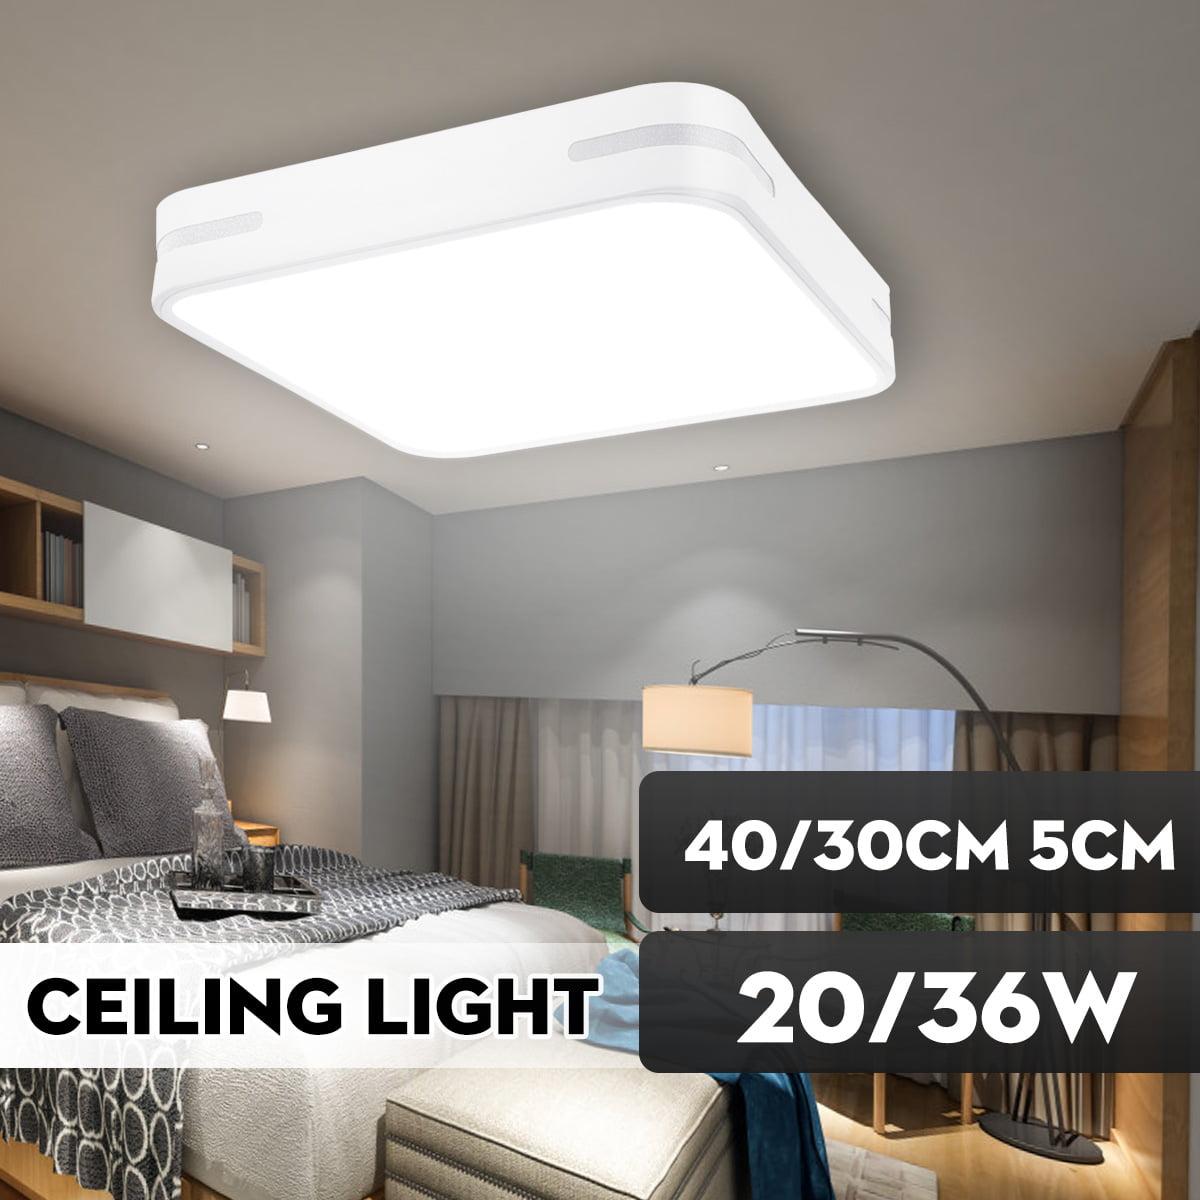 36w Led Ceiling Down Light Mount Lamp Living Room Bedroom Kitchen Ceiling Lights Home Lighting Home Lighting Light